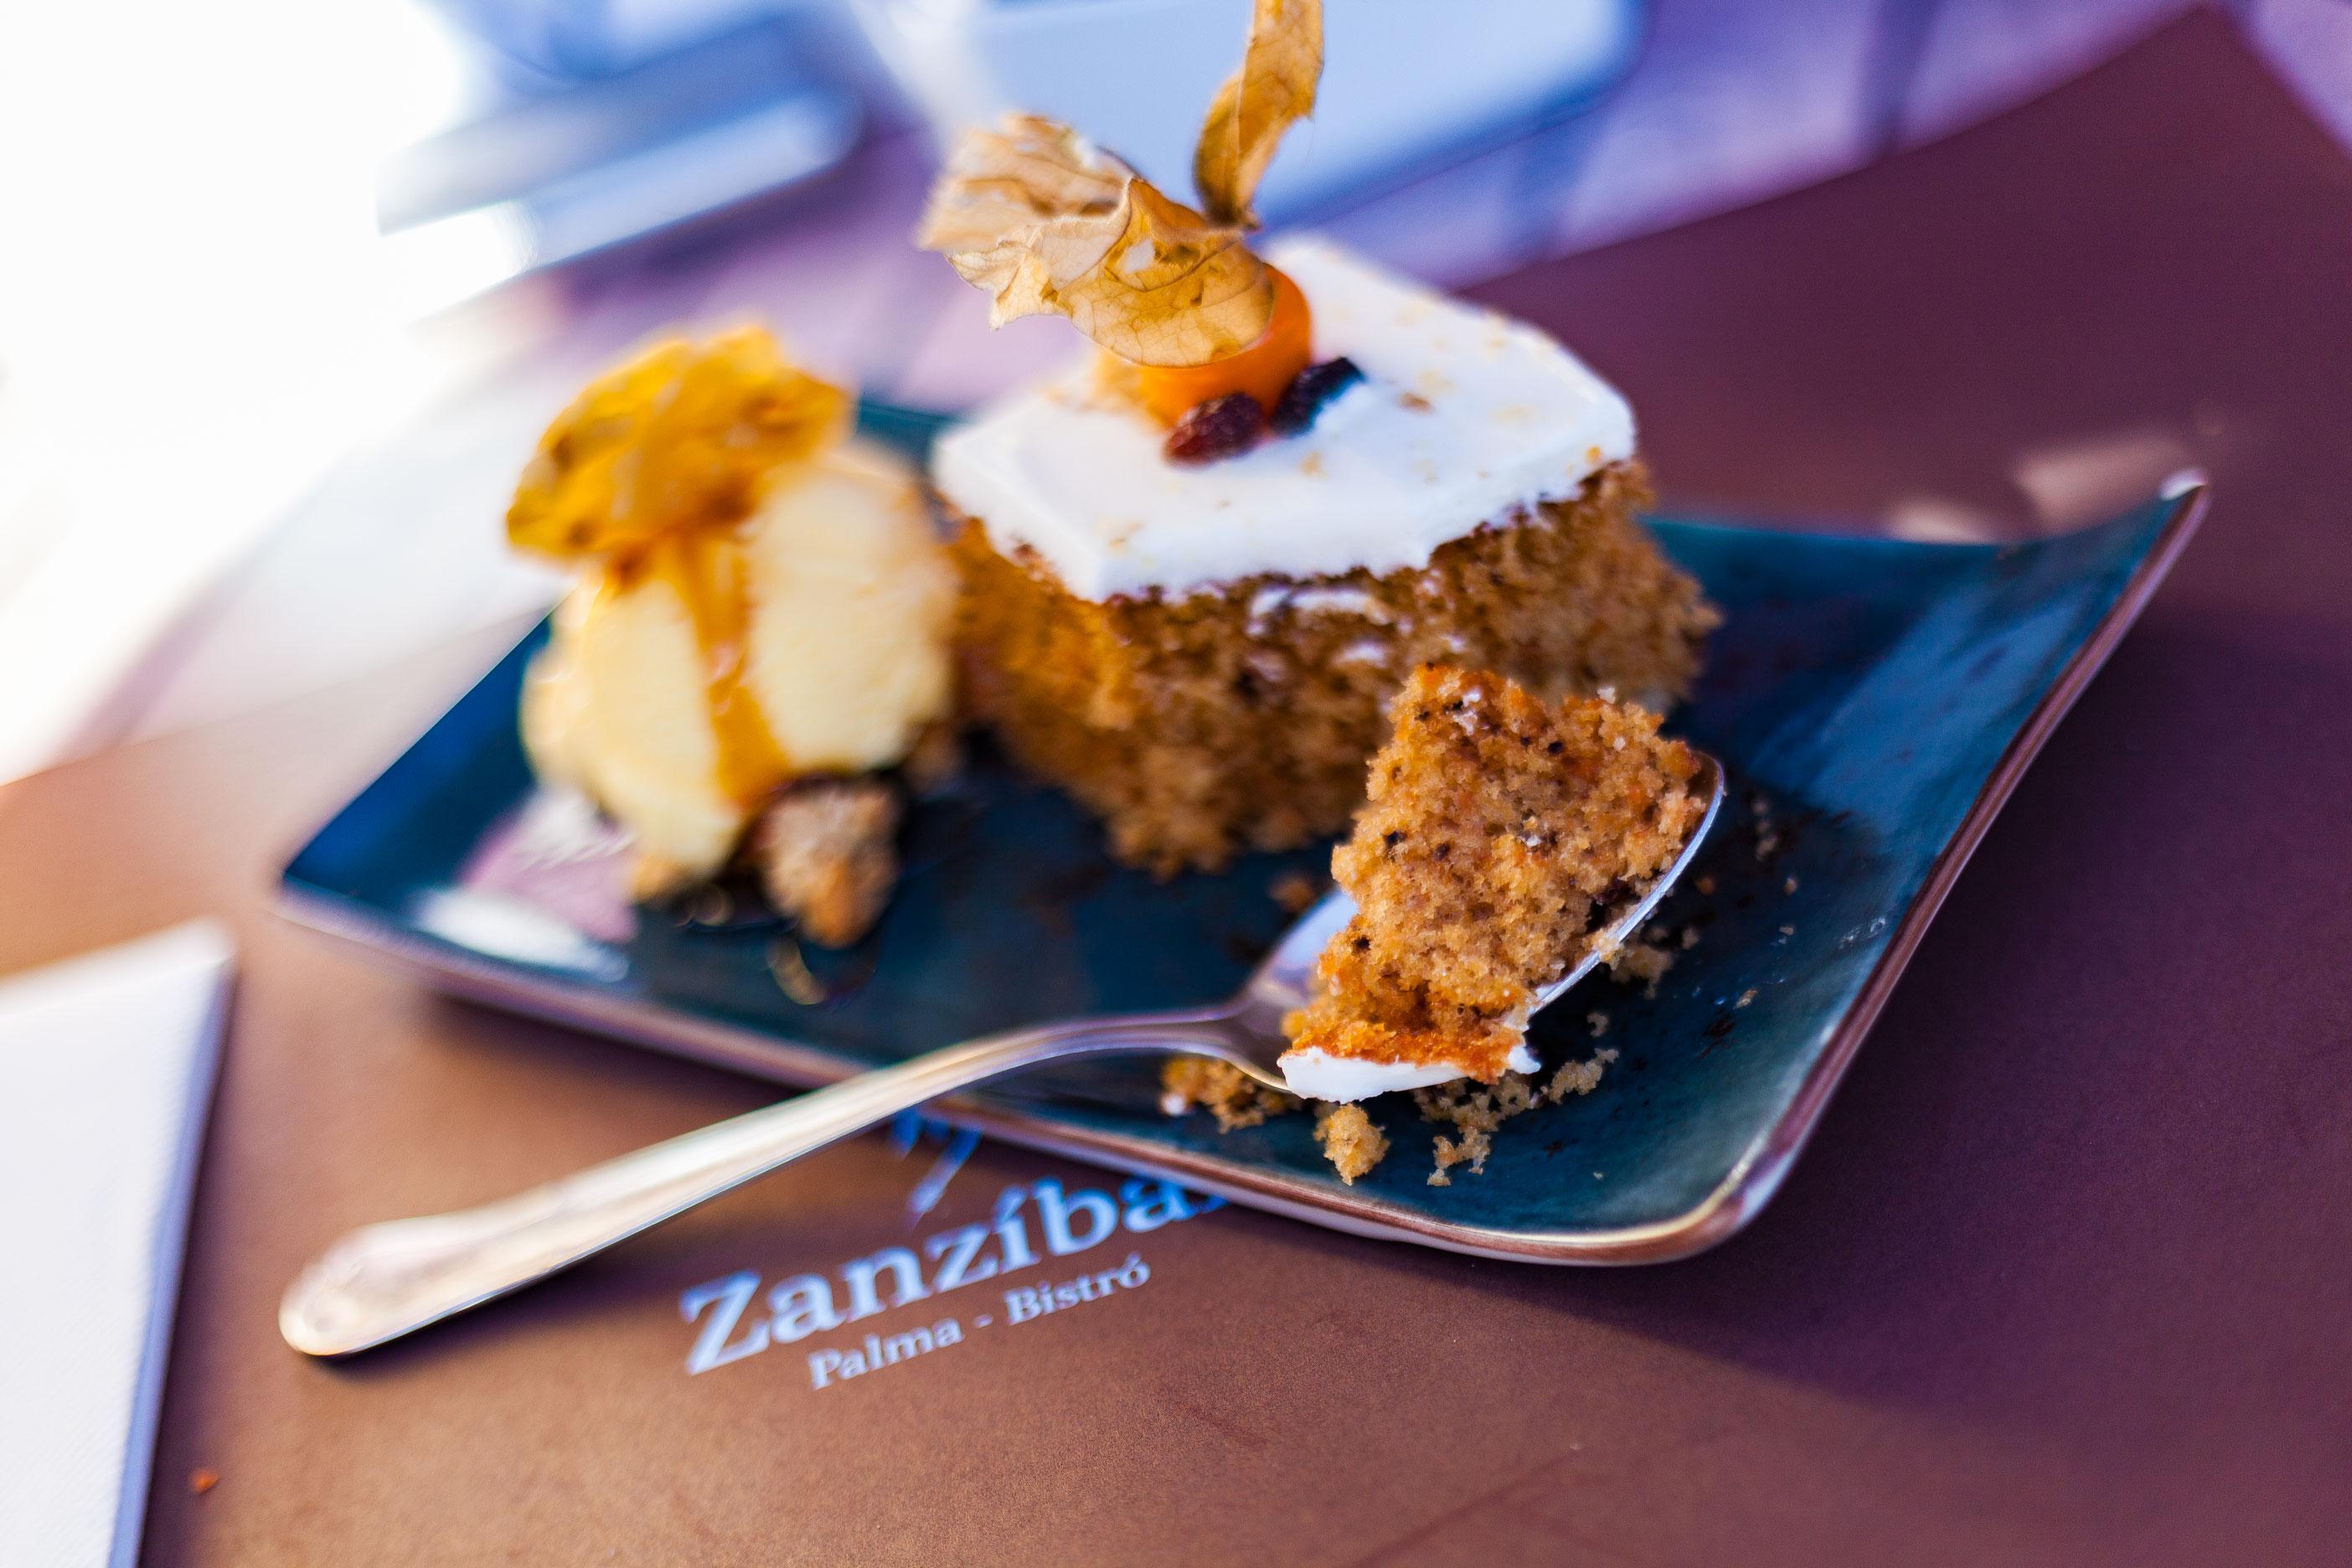 Zanzibar0810